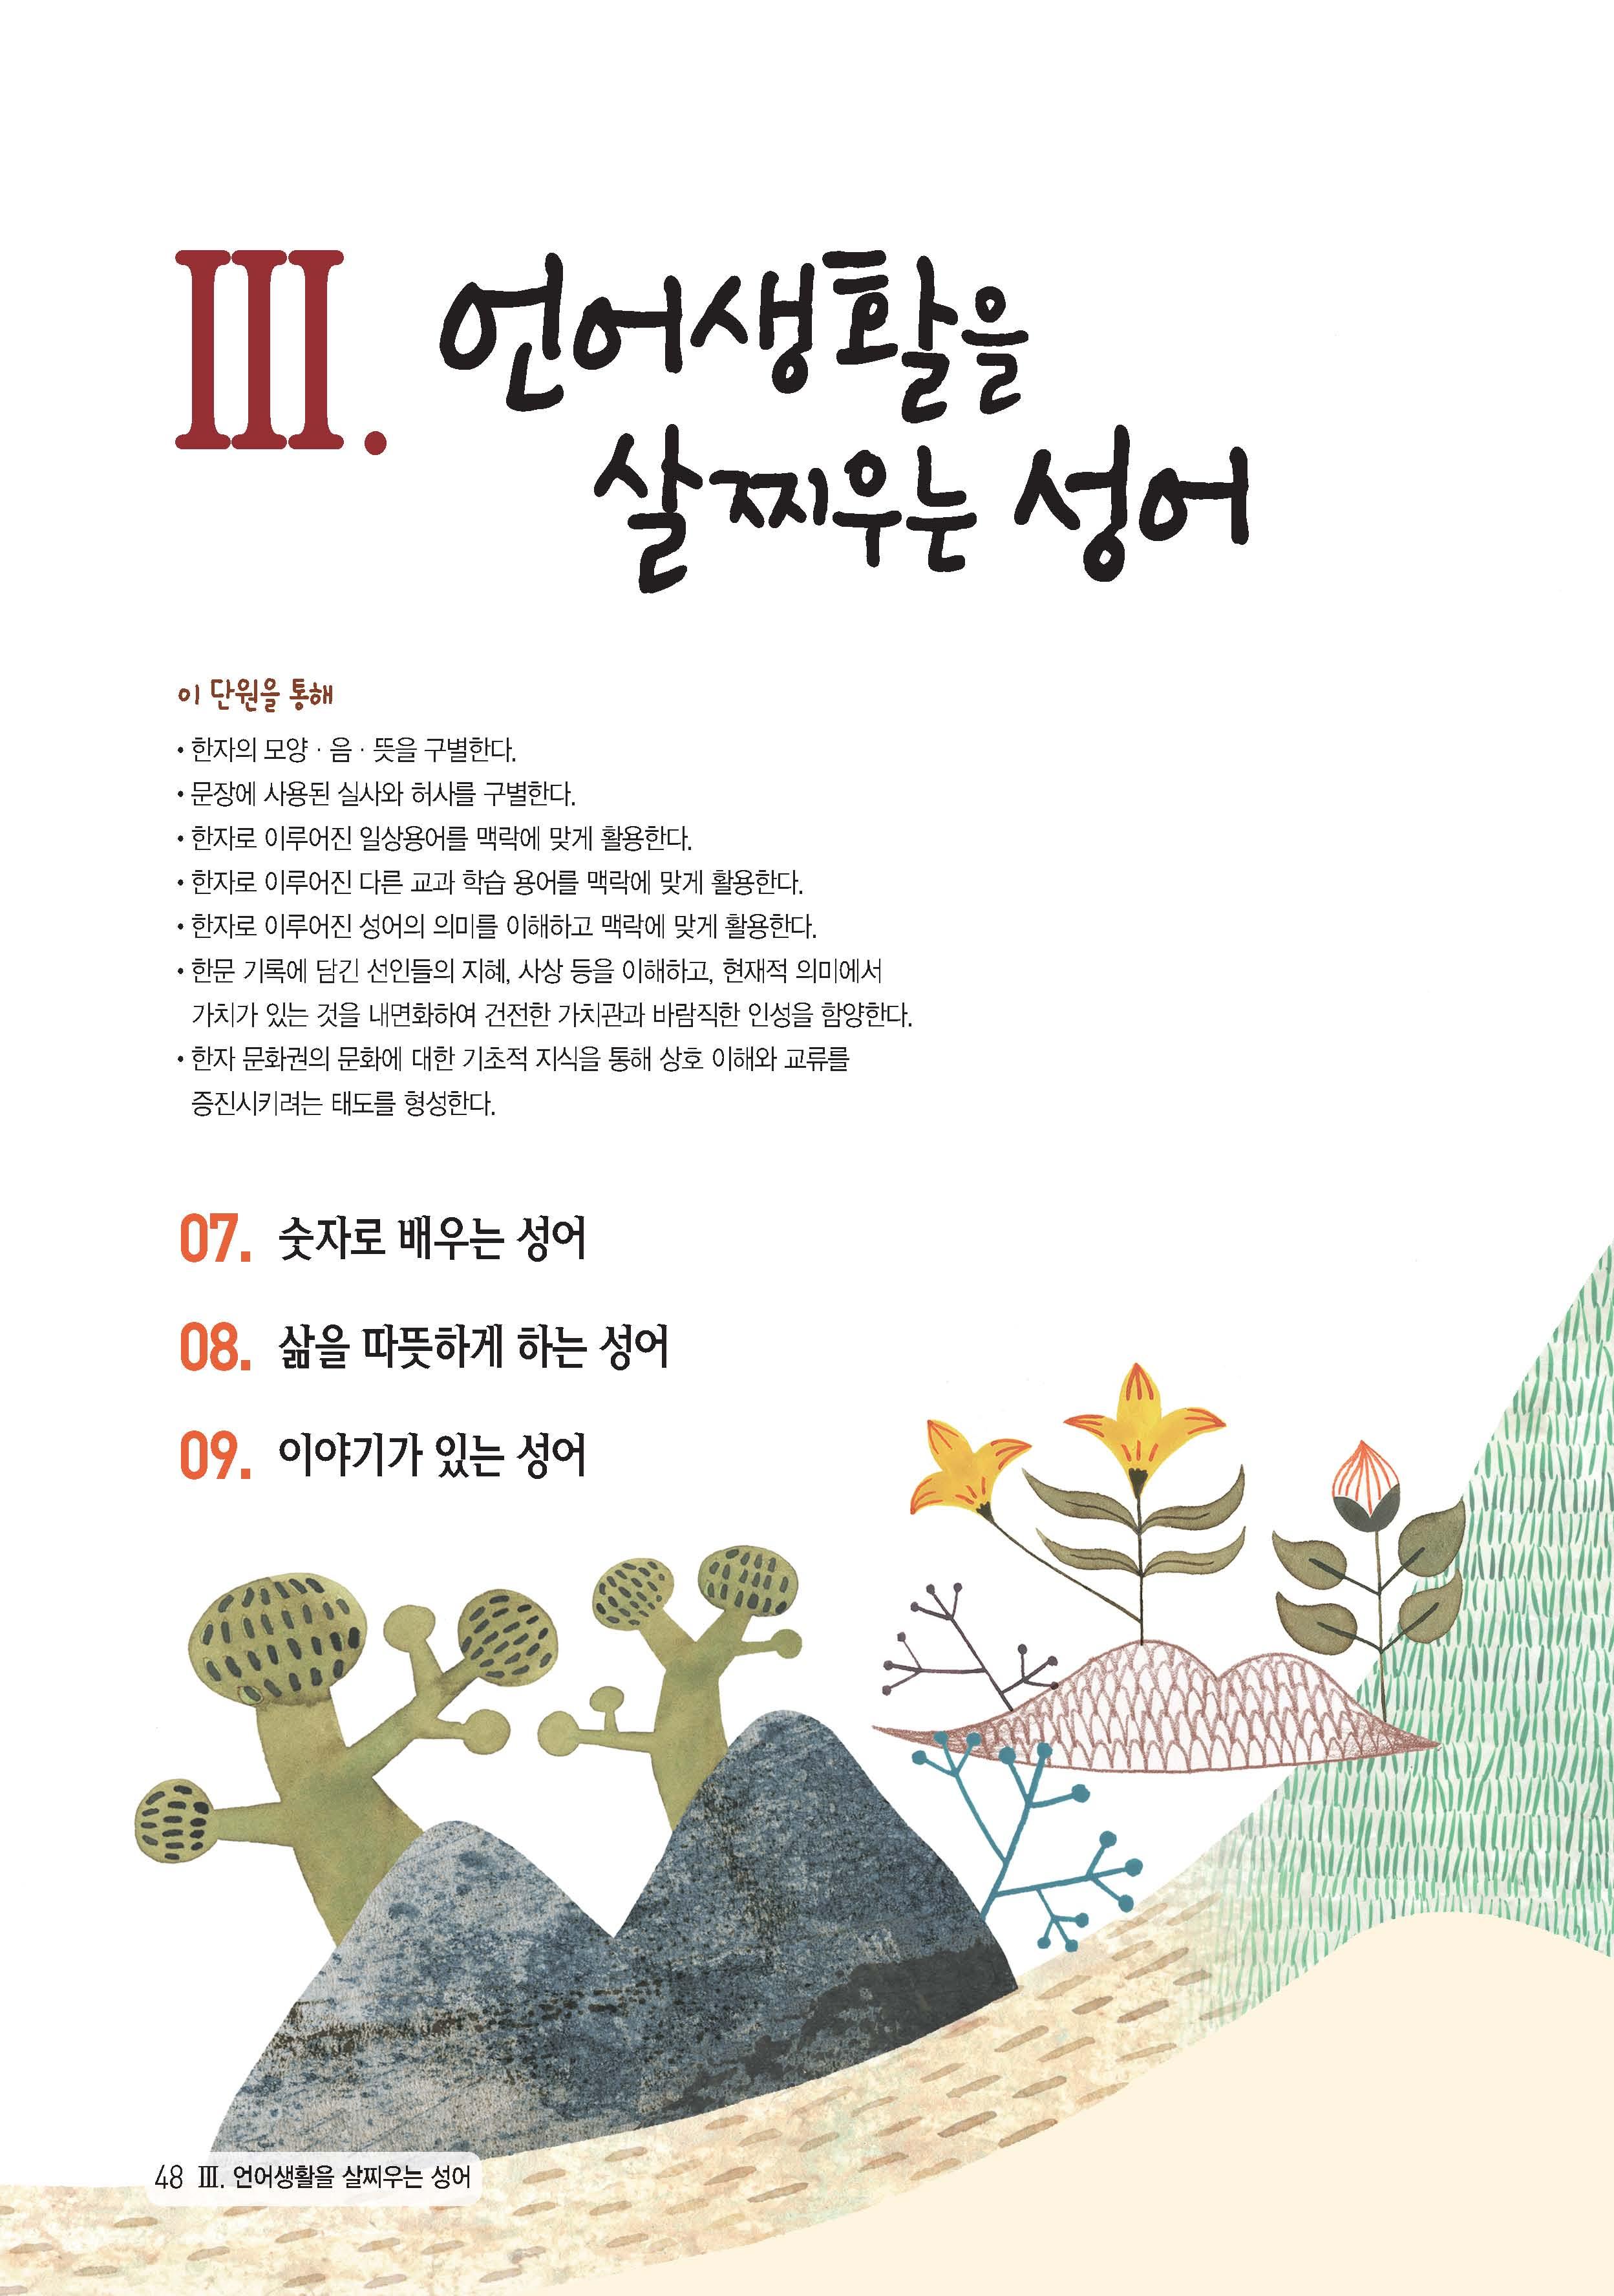 3.언어생활을 살찌우는 성어 제목 이미지